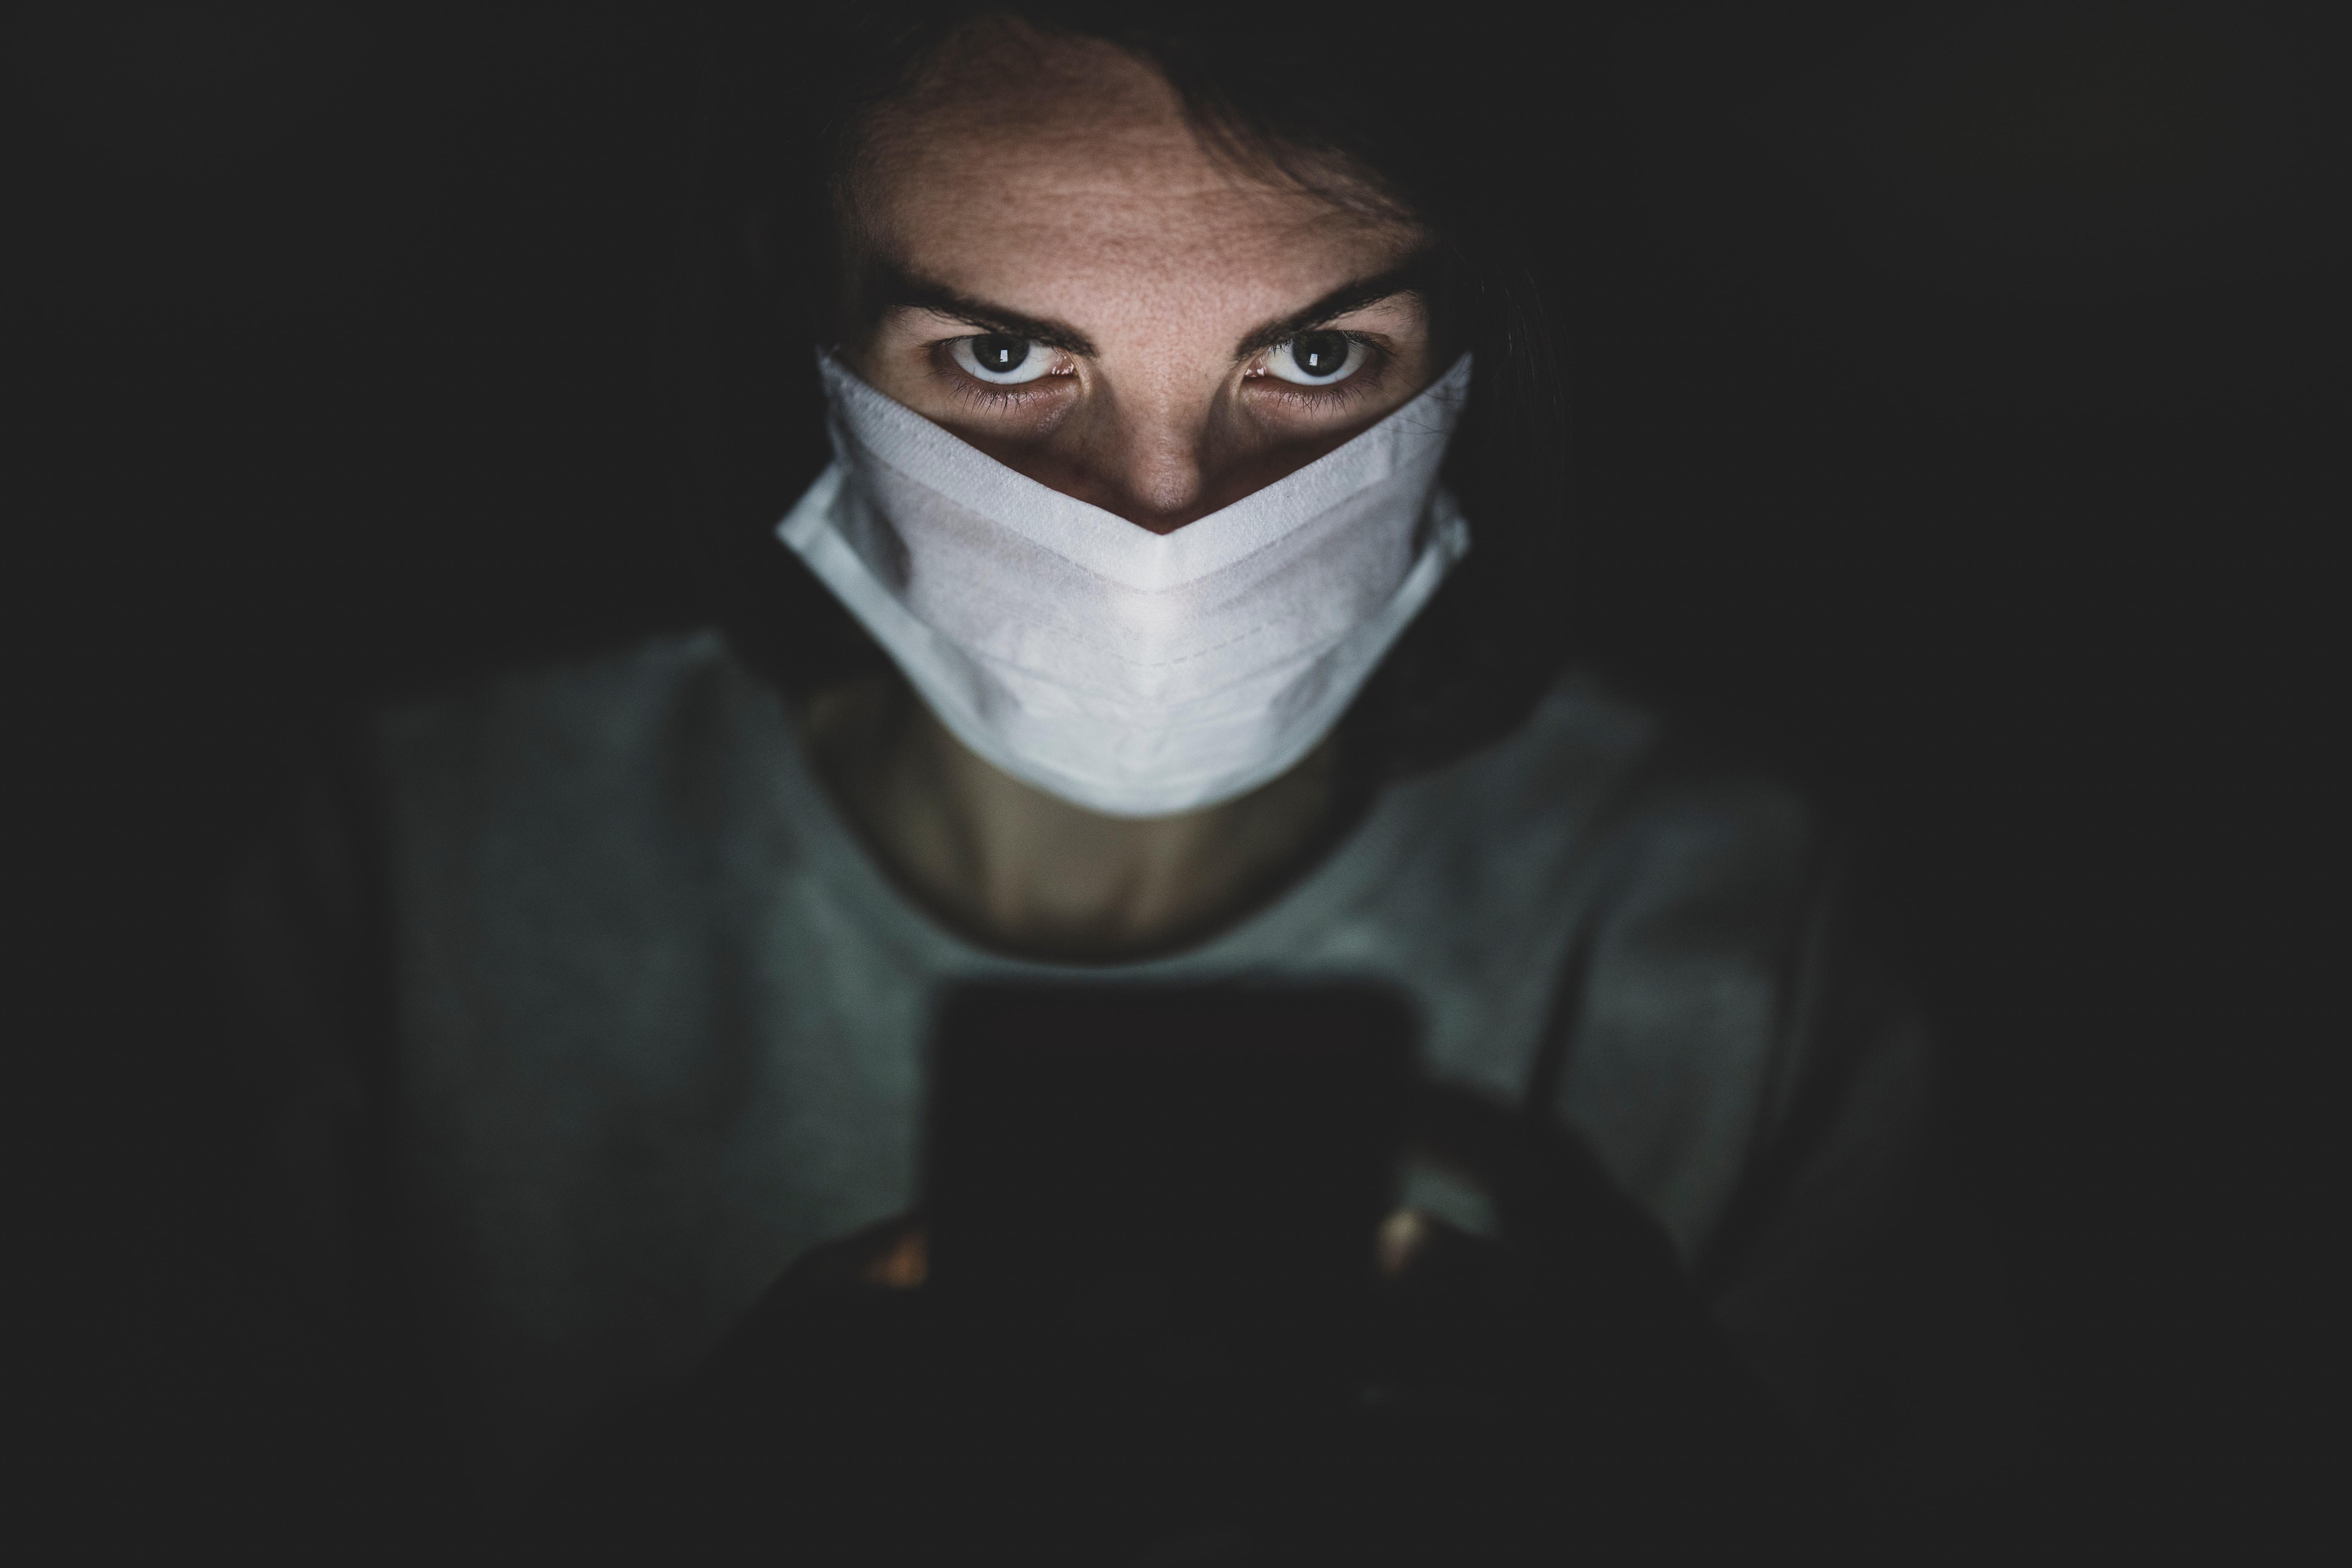 150 пациентов и сотрудников больницы закрыты на карантин